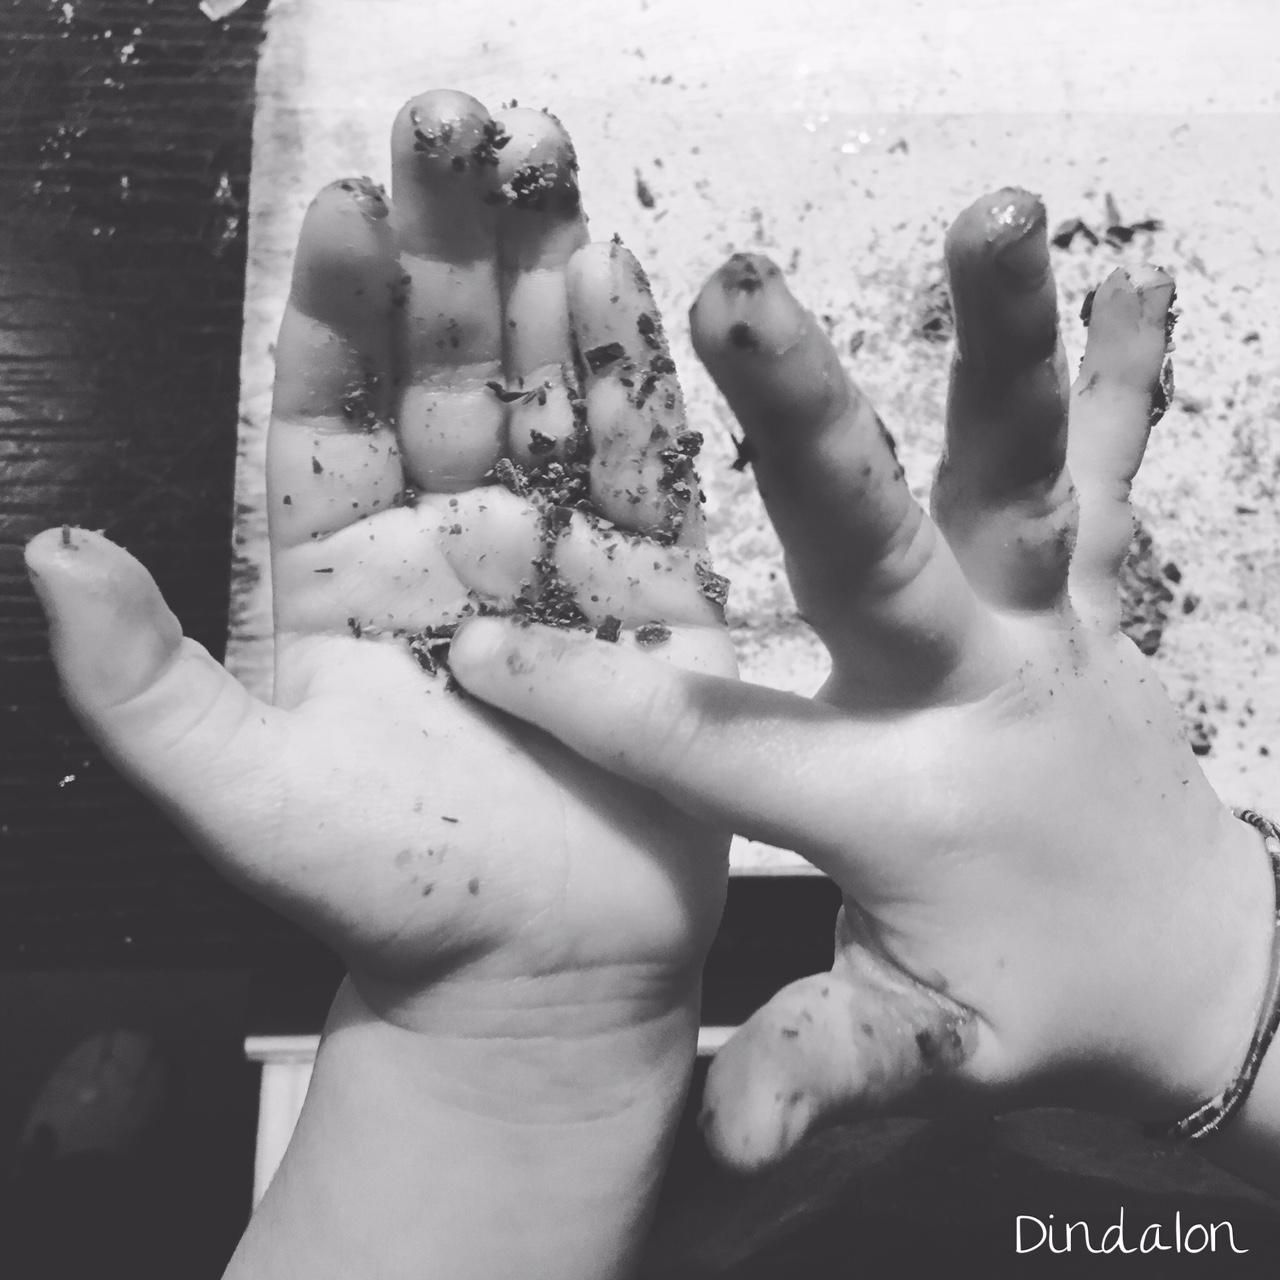 manine laboriose con scaglie di cioccolato